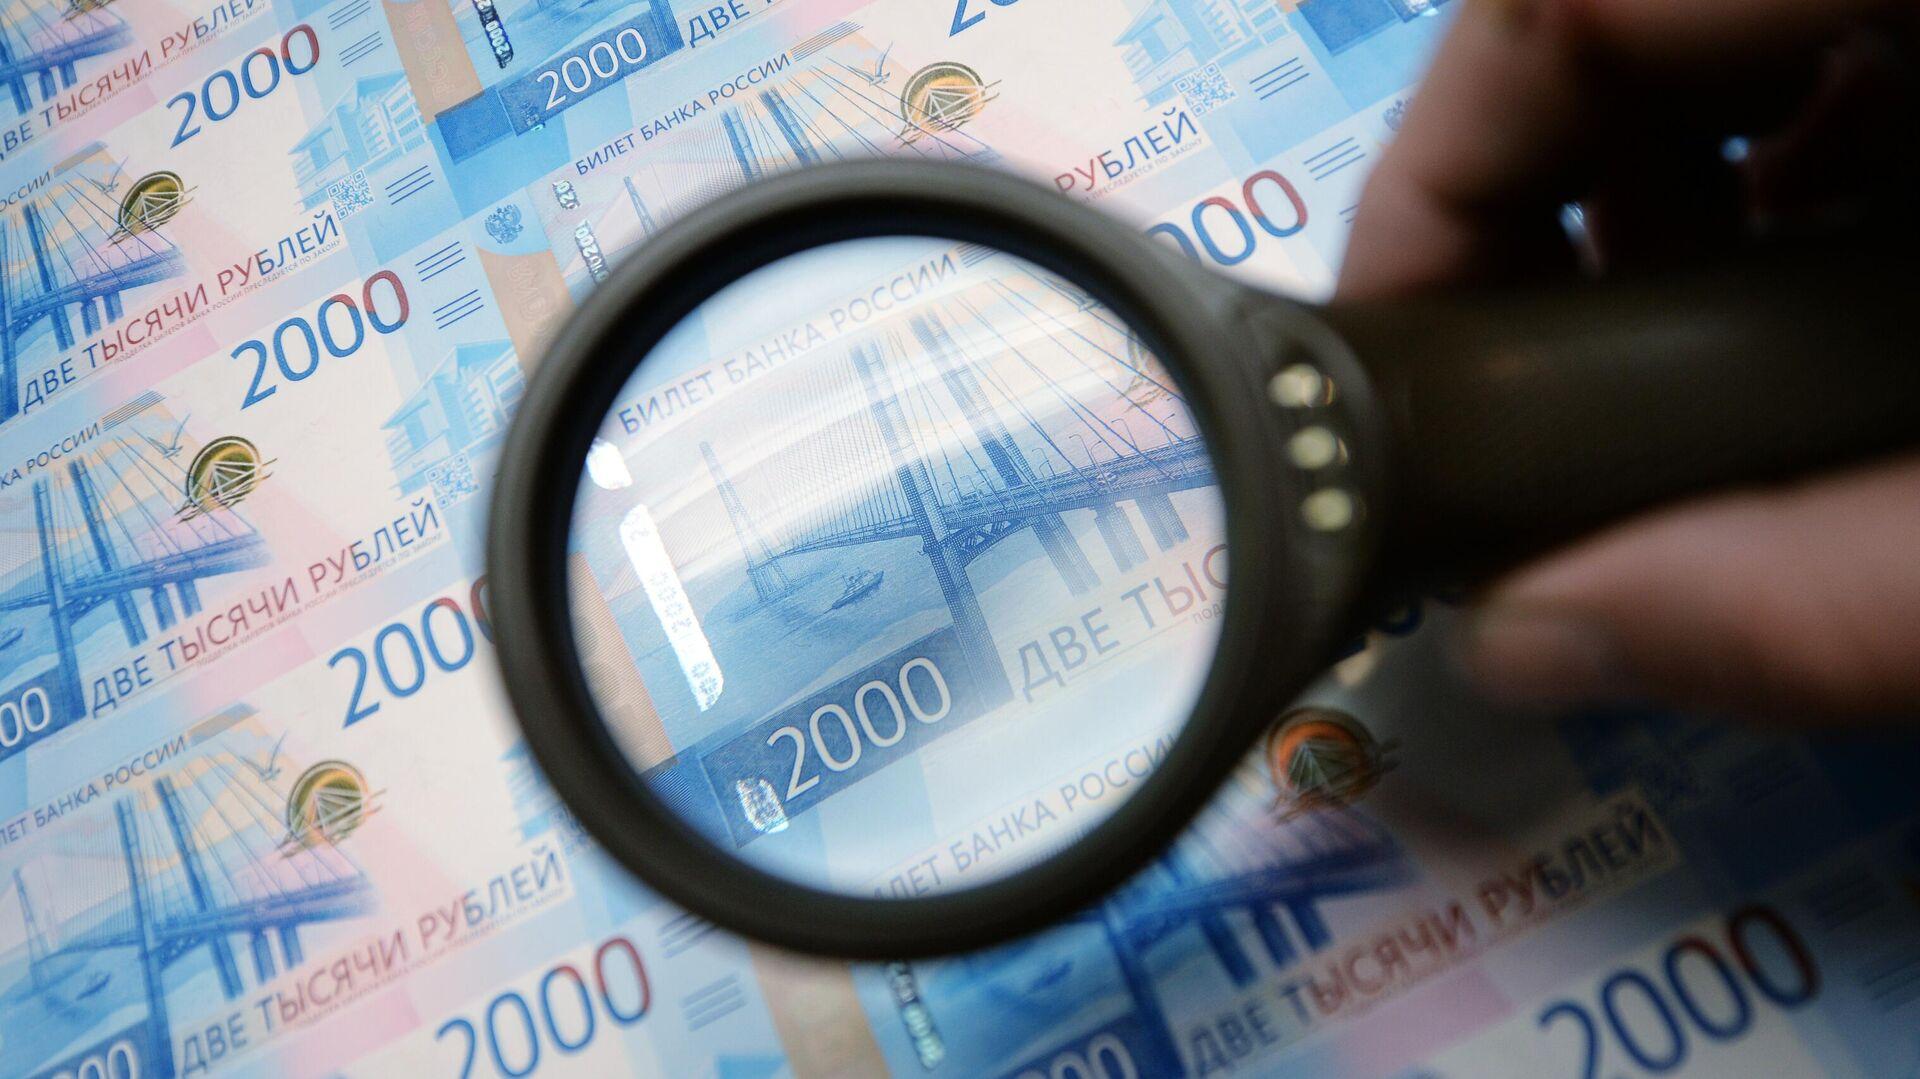 Листы с денежными купюрами номиналом 2000 рублей - РИА Новости, 1920, 29.10.2020